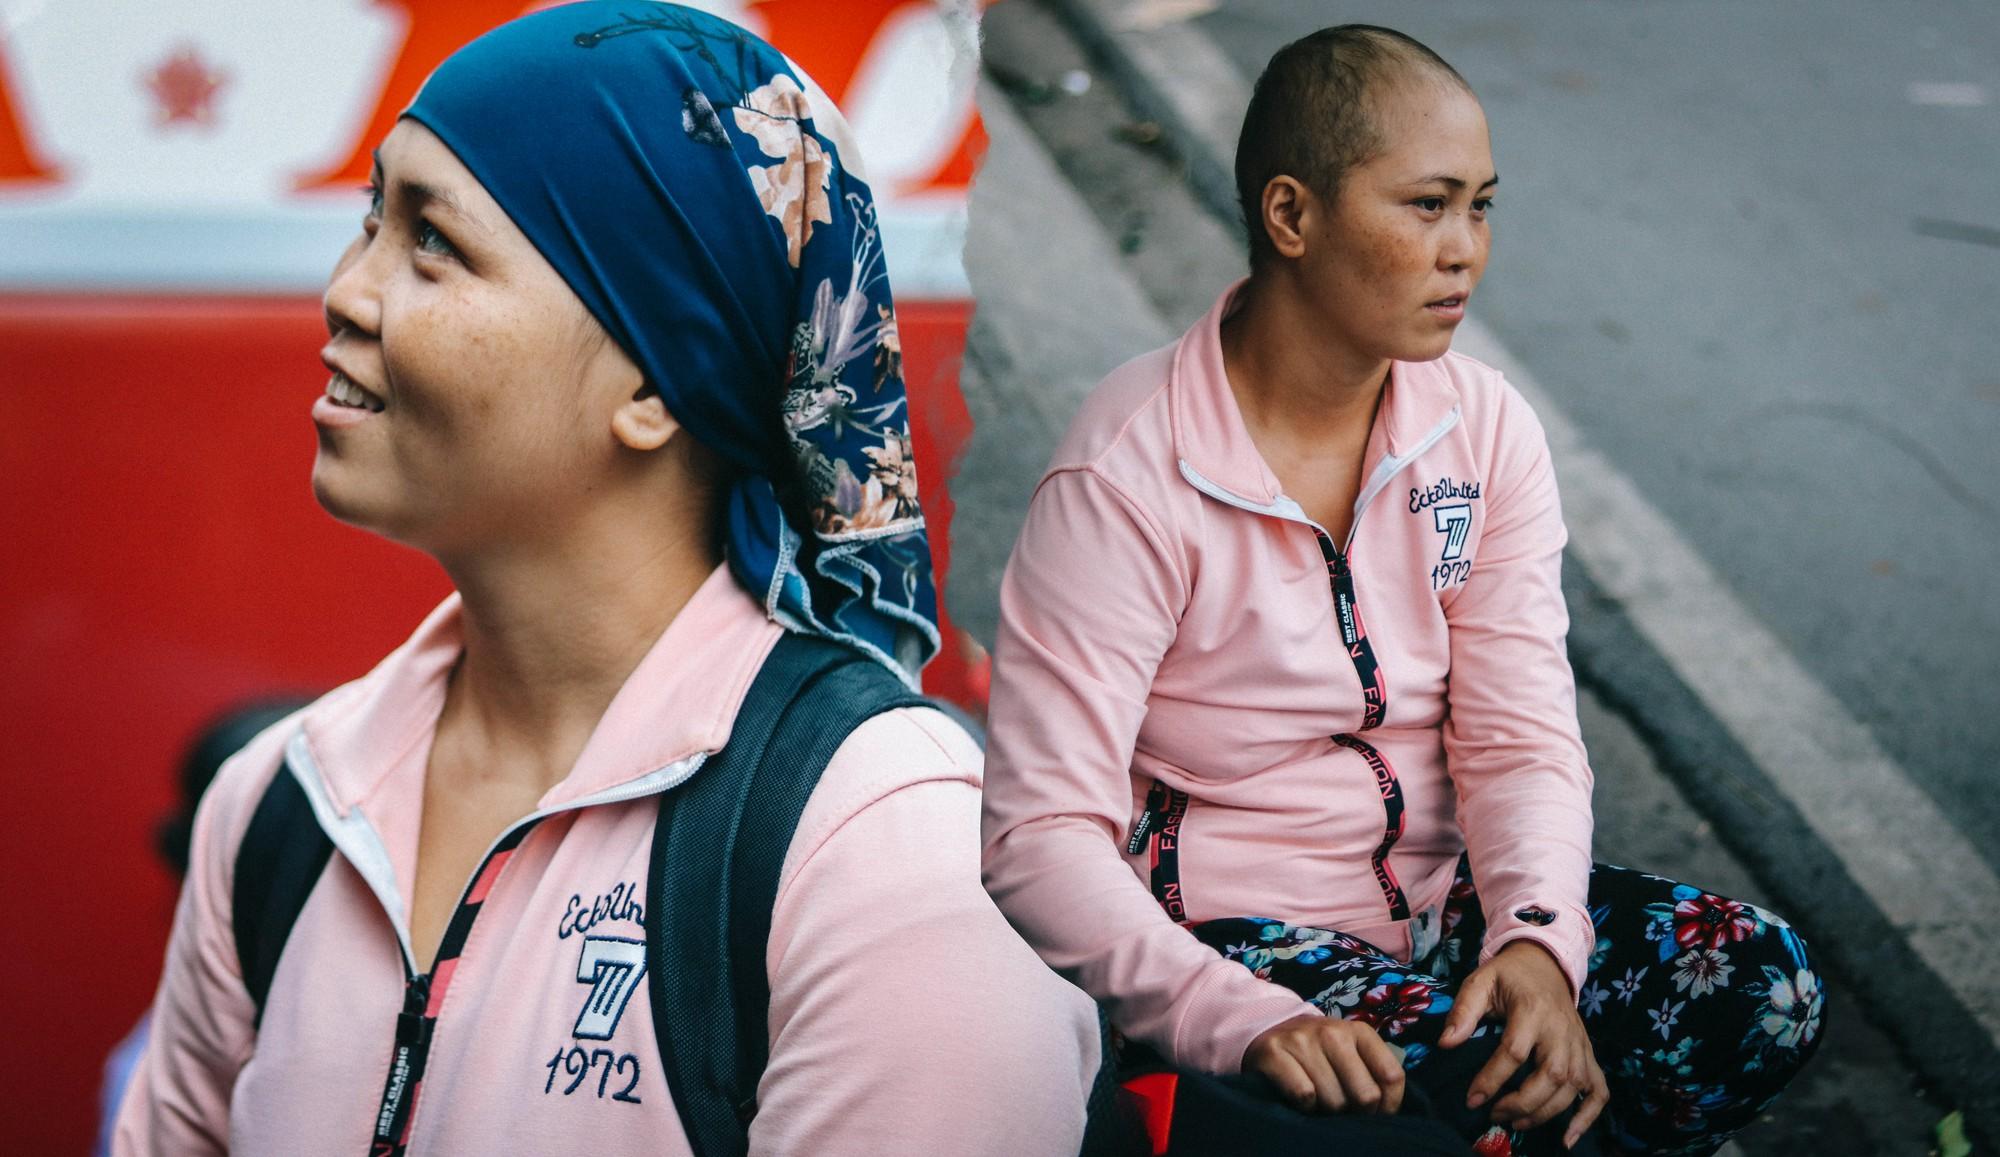 """""""Không được phép chết ở Sài Gòn"""": Suất cơm 2000 đồng và ước mơ nhỏ nhoi của người phụ nữ ung thư giai đoạn cuối - Ảnh 14."""